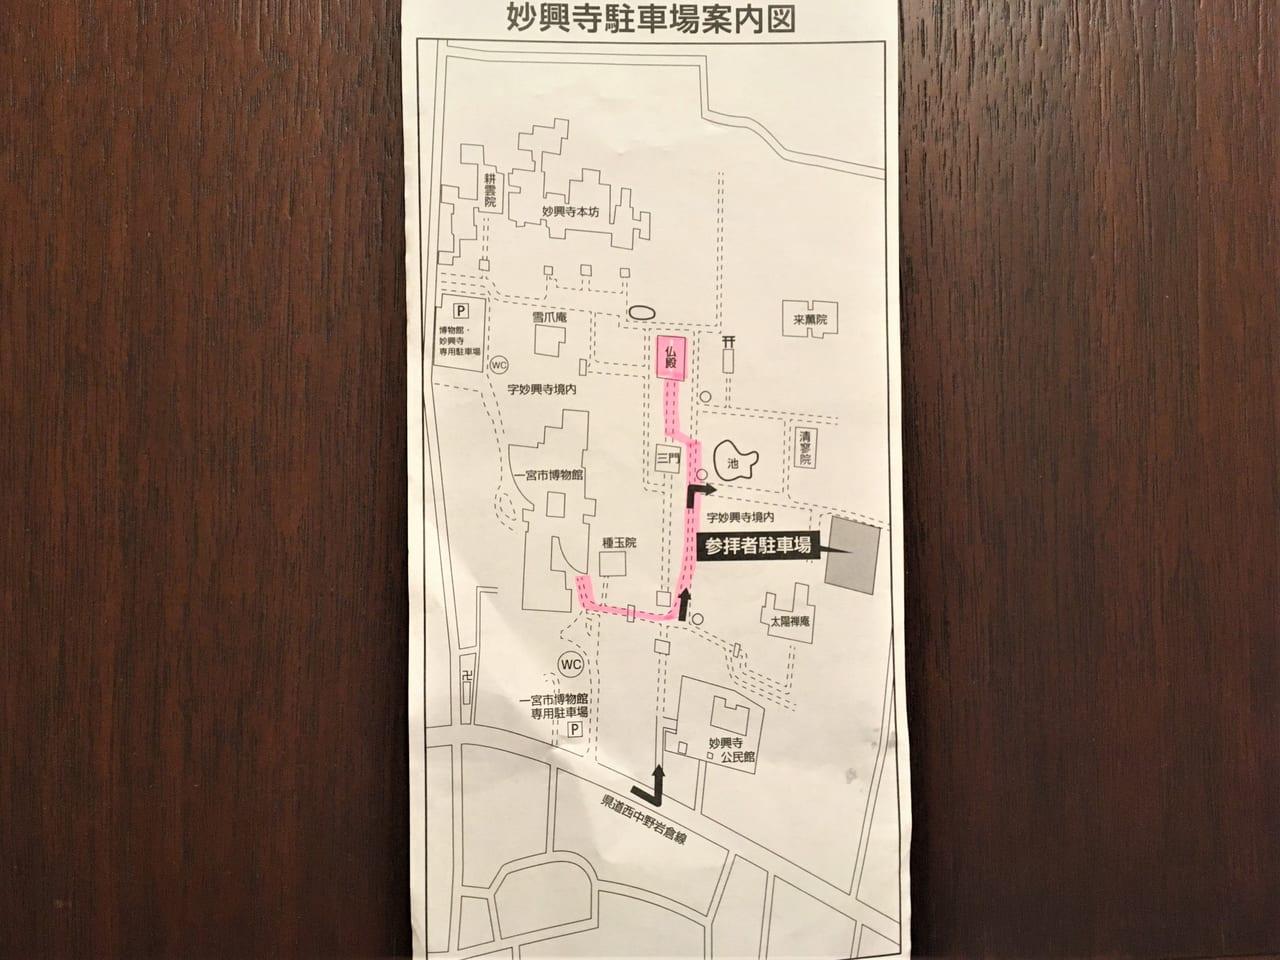 妙興寺の駐車場案内図